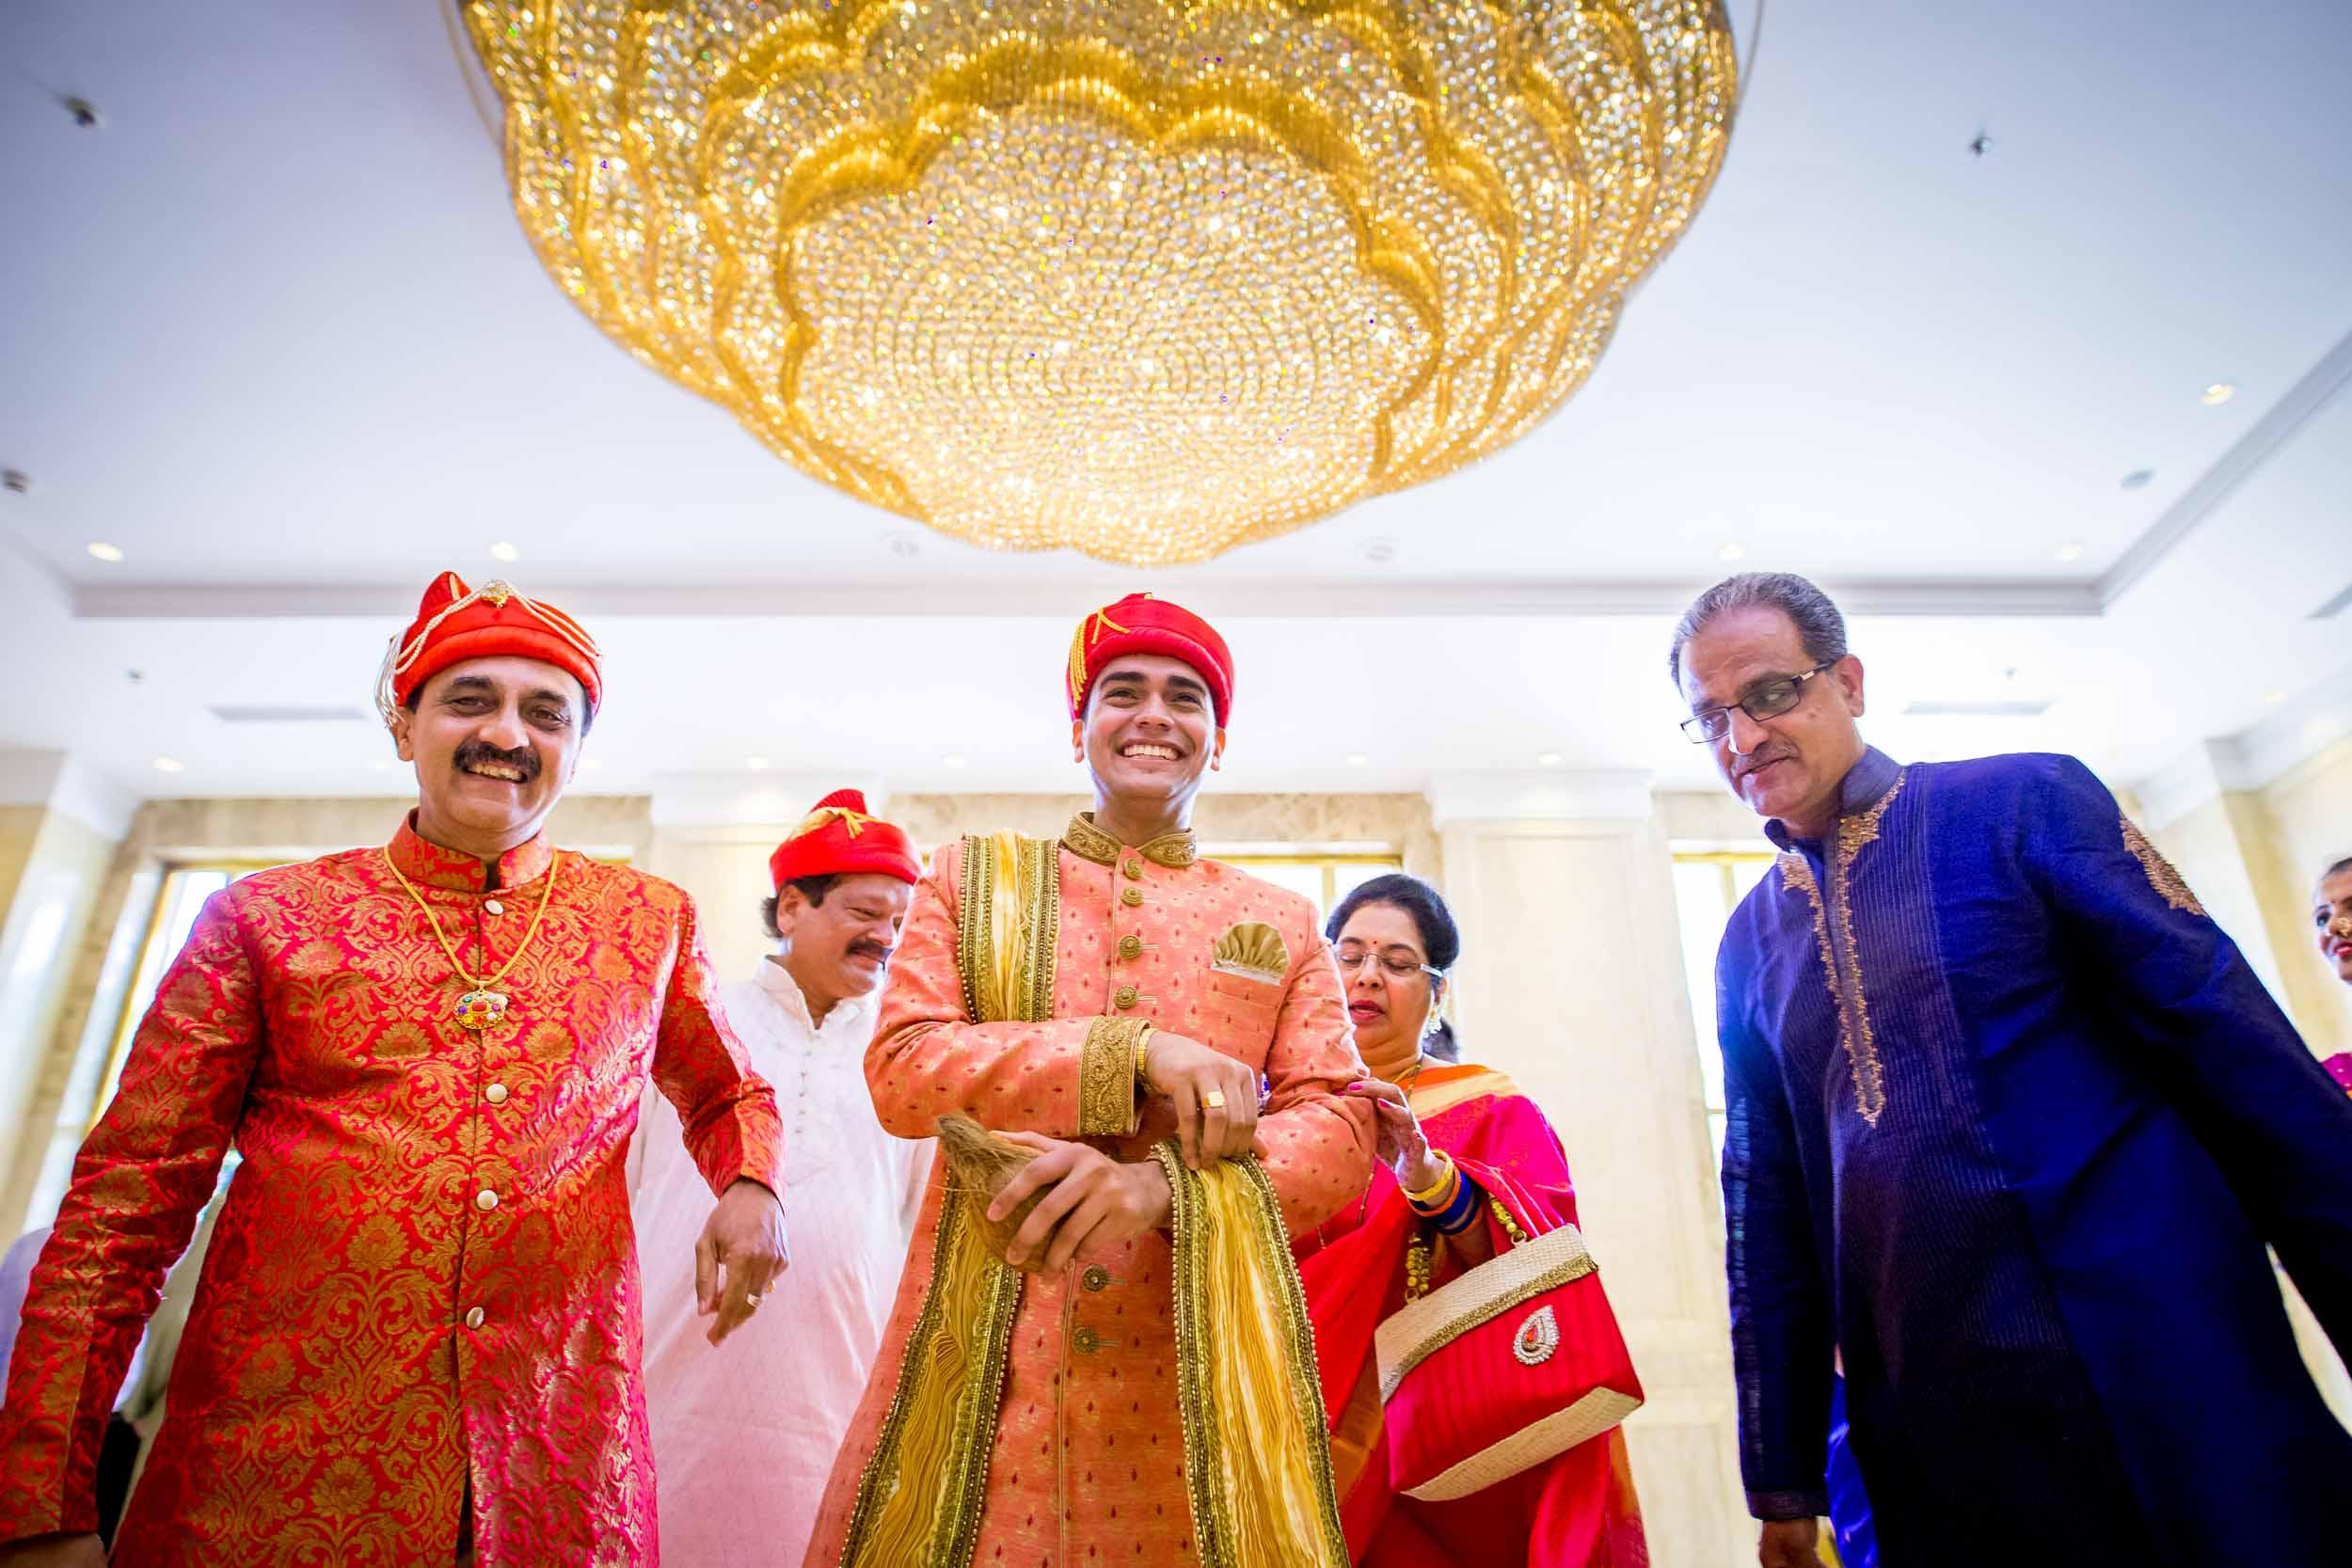 mumbai-pune-wedding-39.jpg